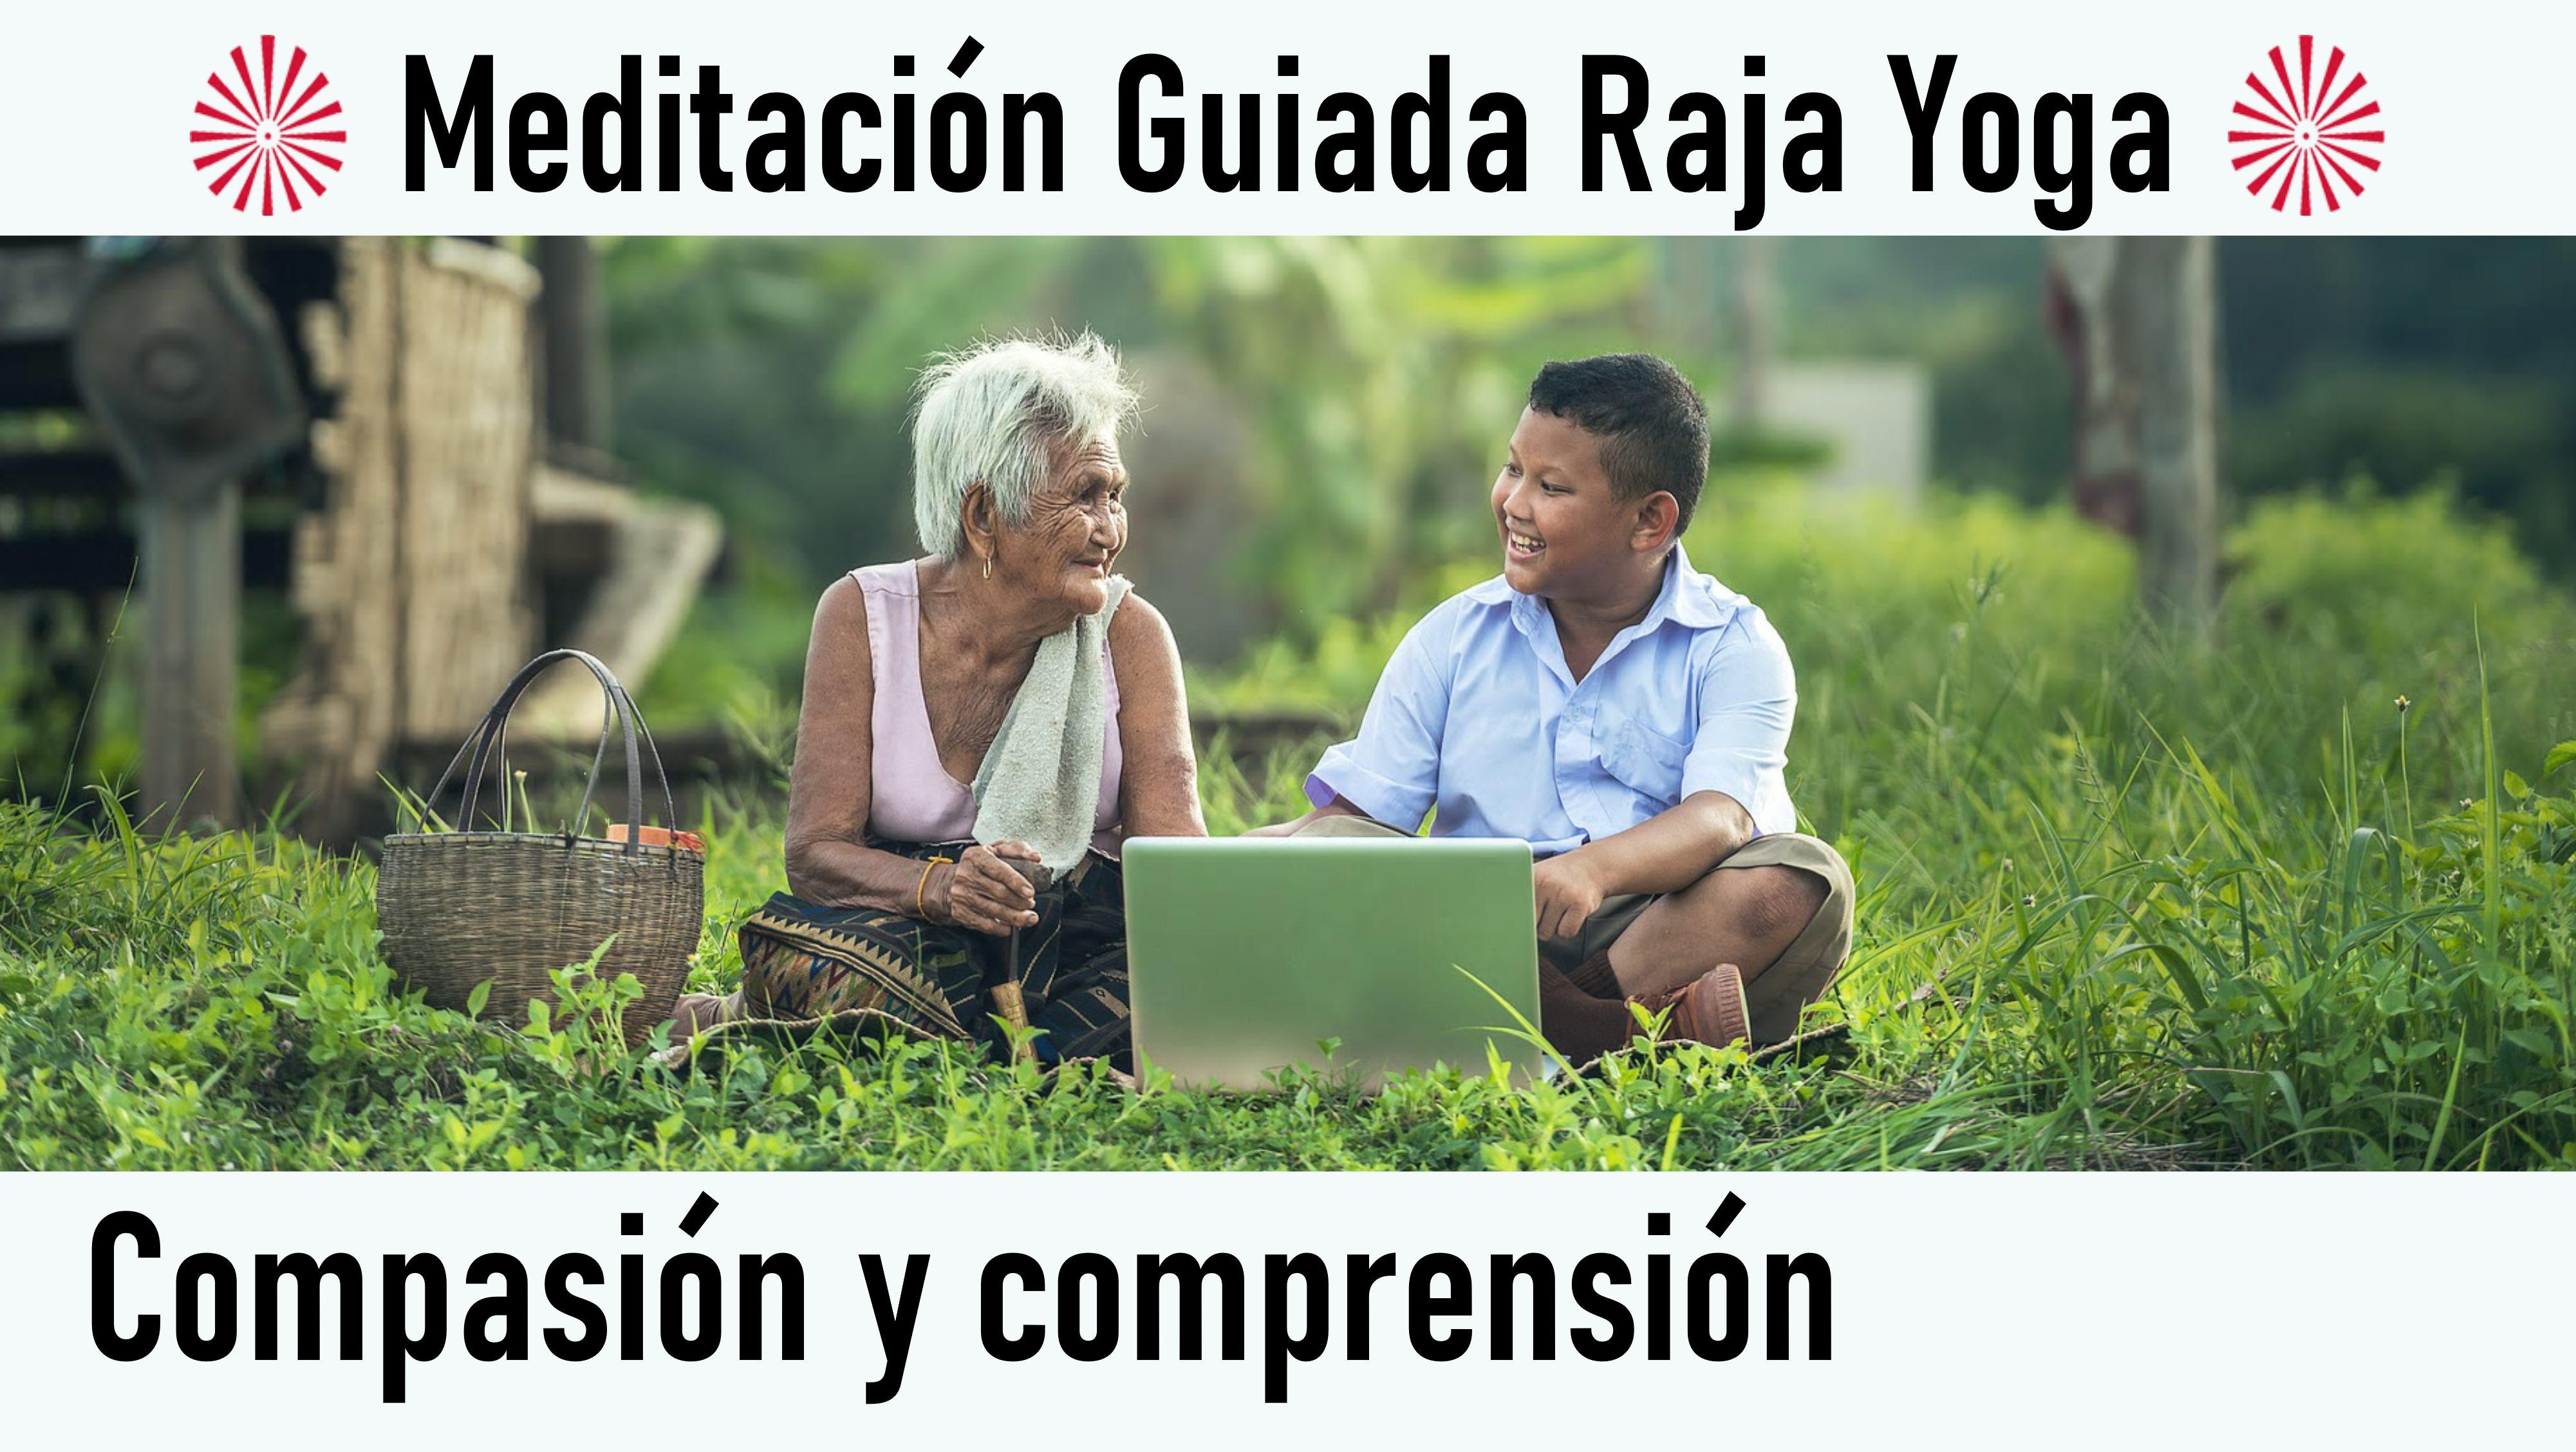 31 Julio 2020 Meditación guiada: Compasión y comprensión